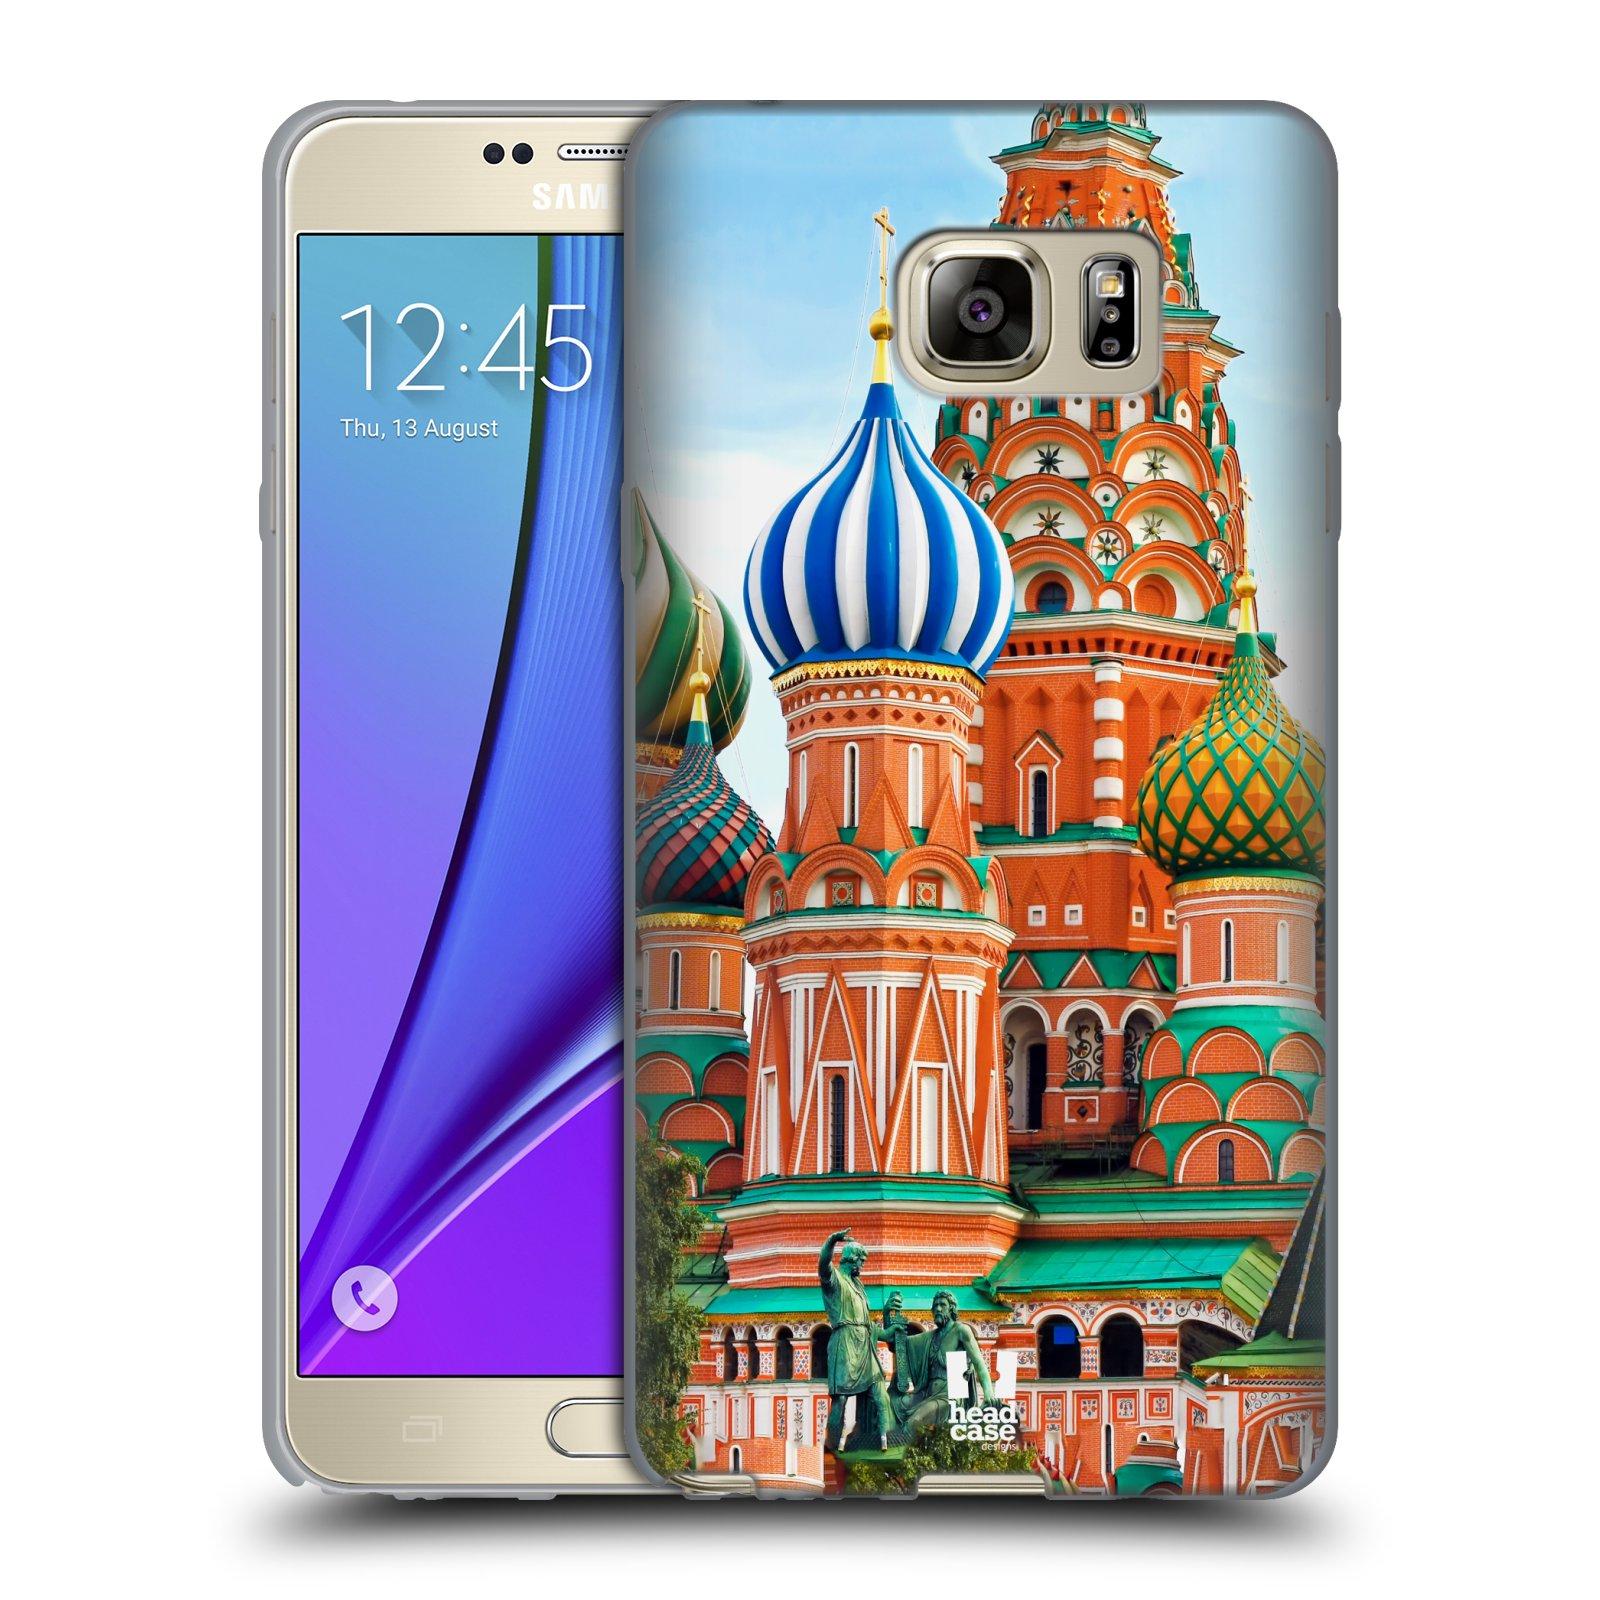 HEAD CASE silikonový obal na mobil Samsung Galaxy Note 5 (N920) vzor Města foto náměstí RUSKO,MOSKVA, RUDÉ NÁMĚSTÍ